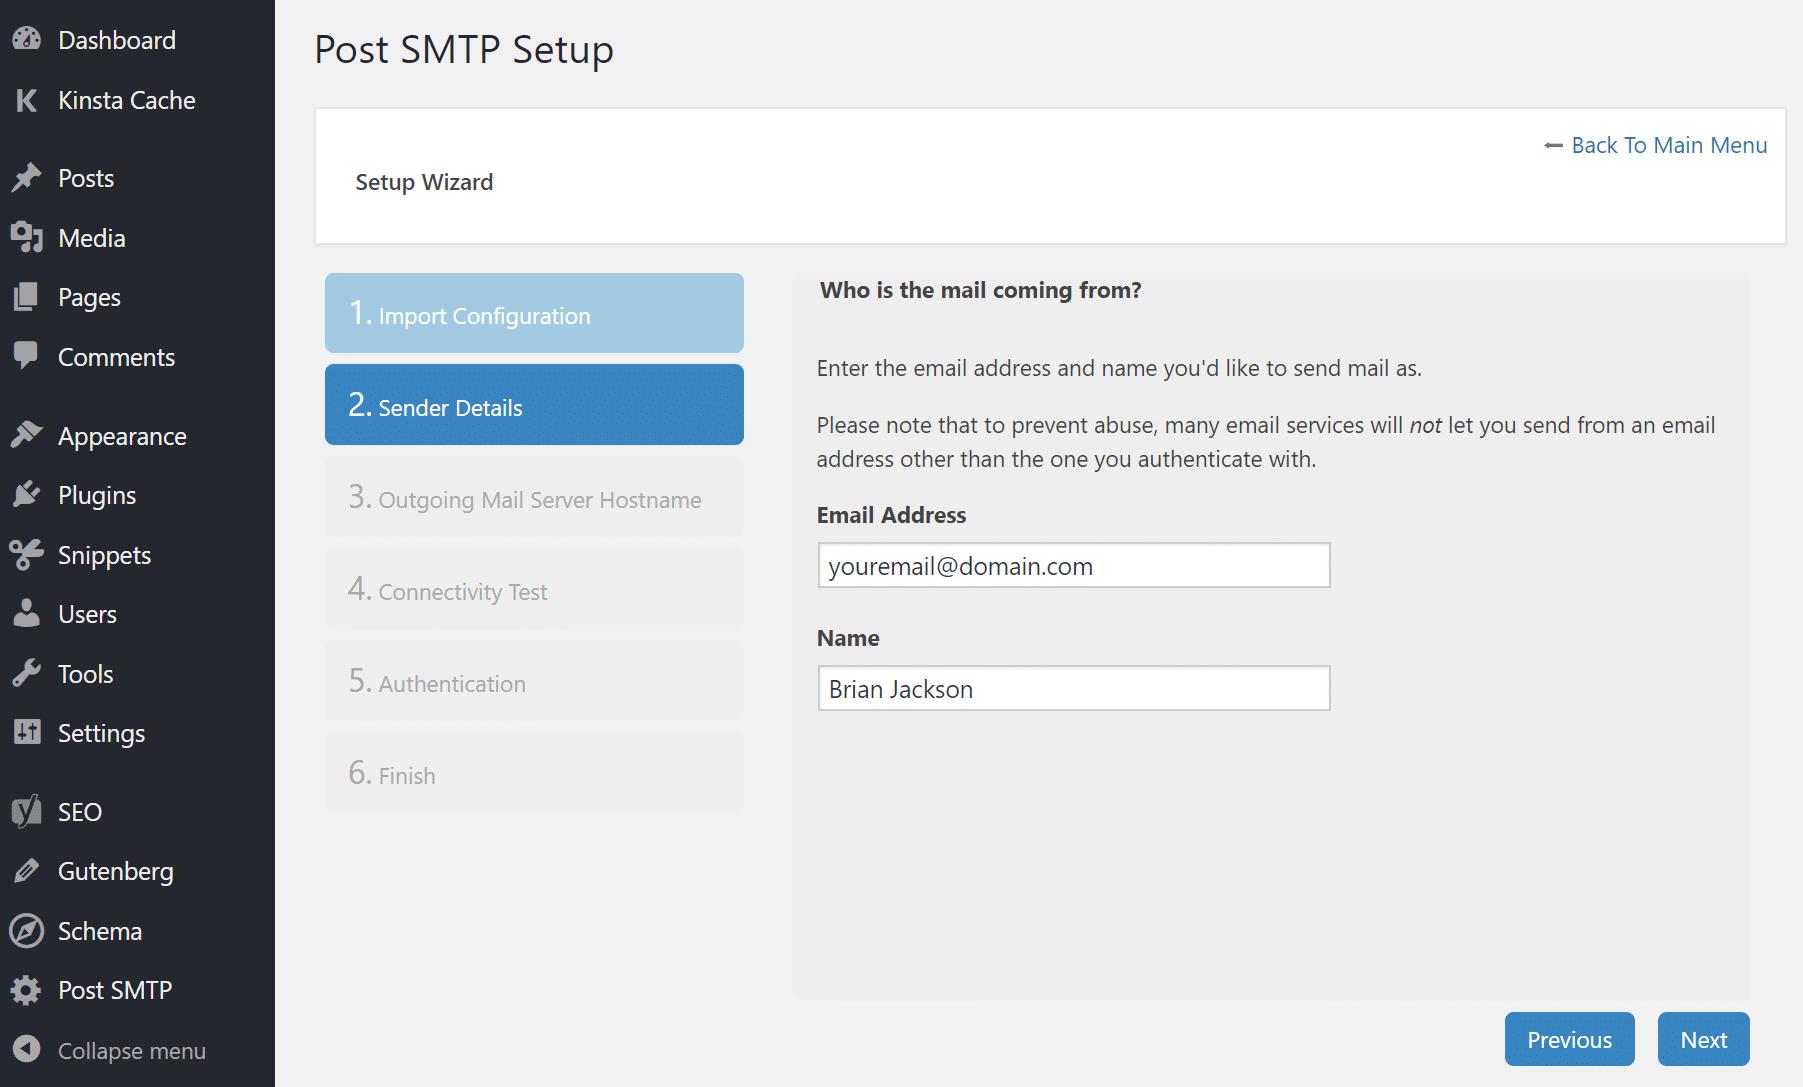 Post SMTP sender details